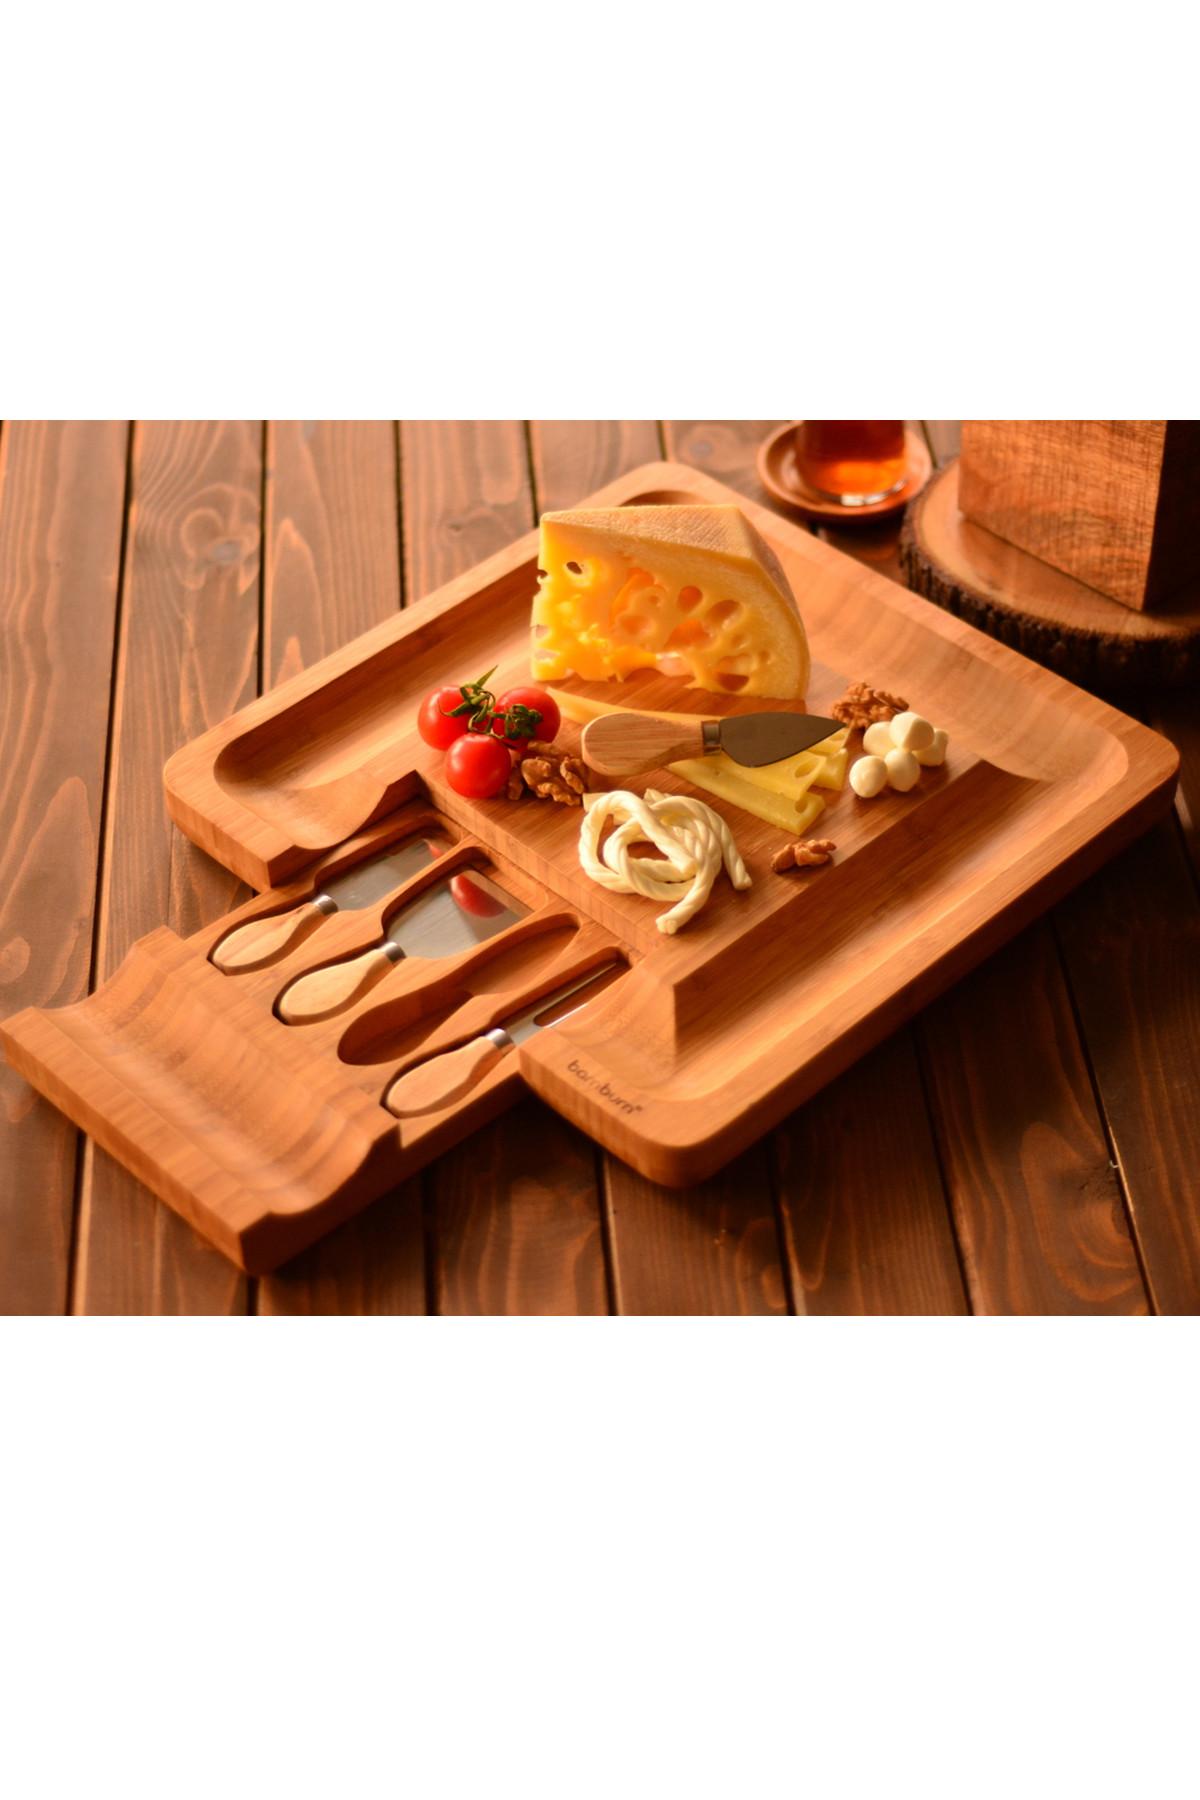 Sepetcibaba - Pecorino – 6 Parça Peynir Servis Seti